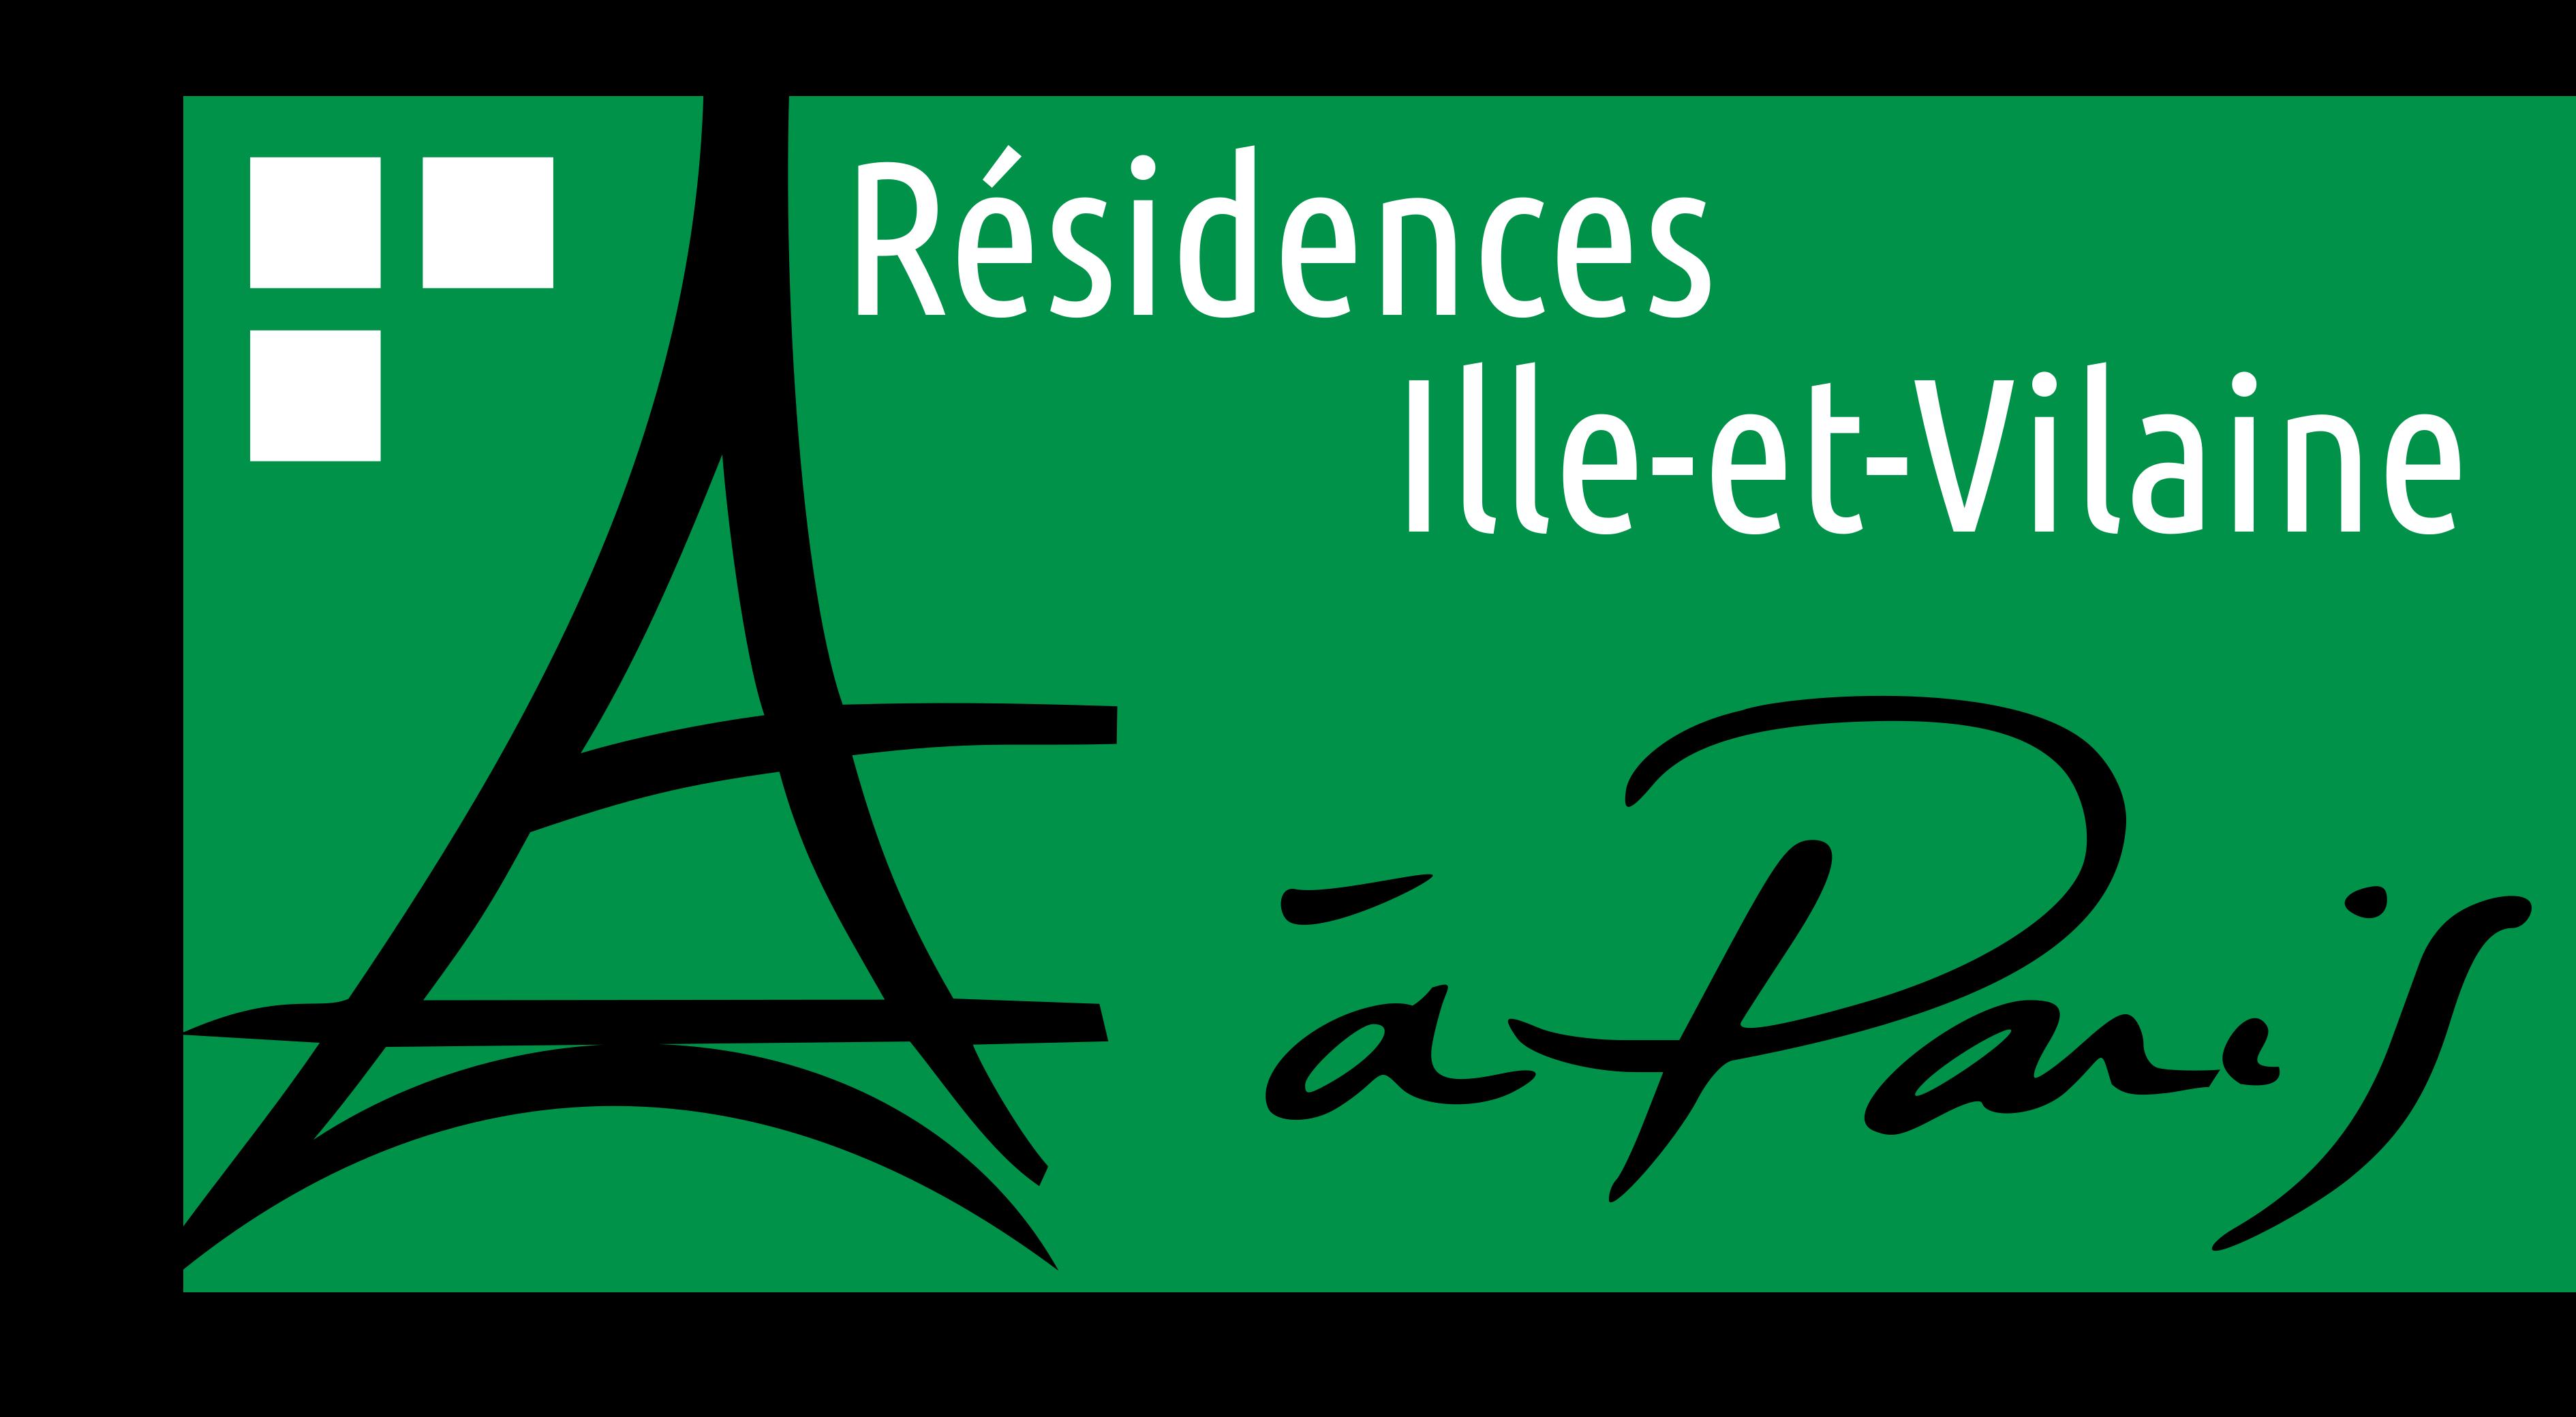 Résidences en Ille-et-Vilaine